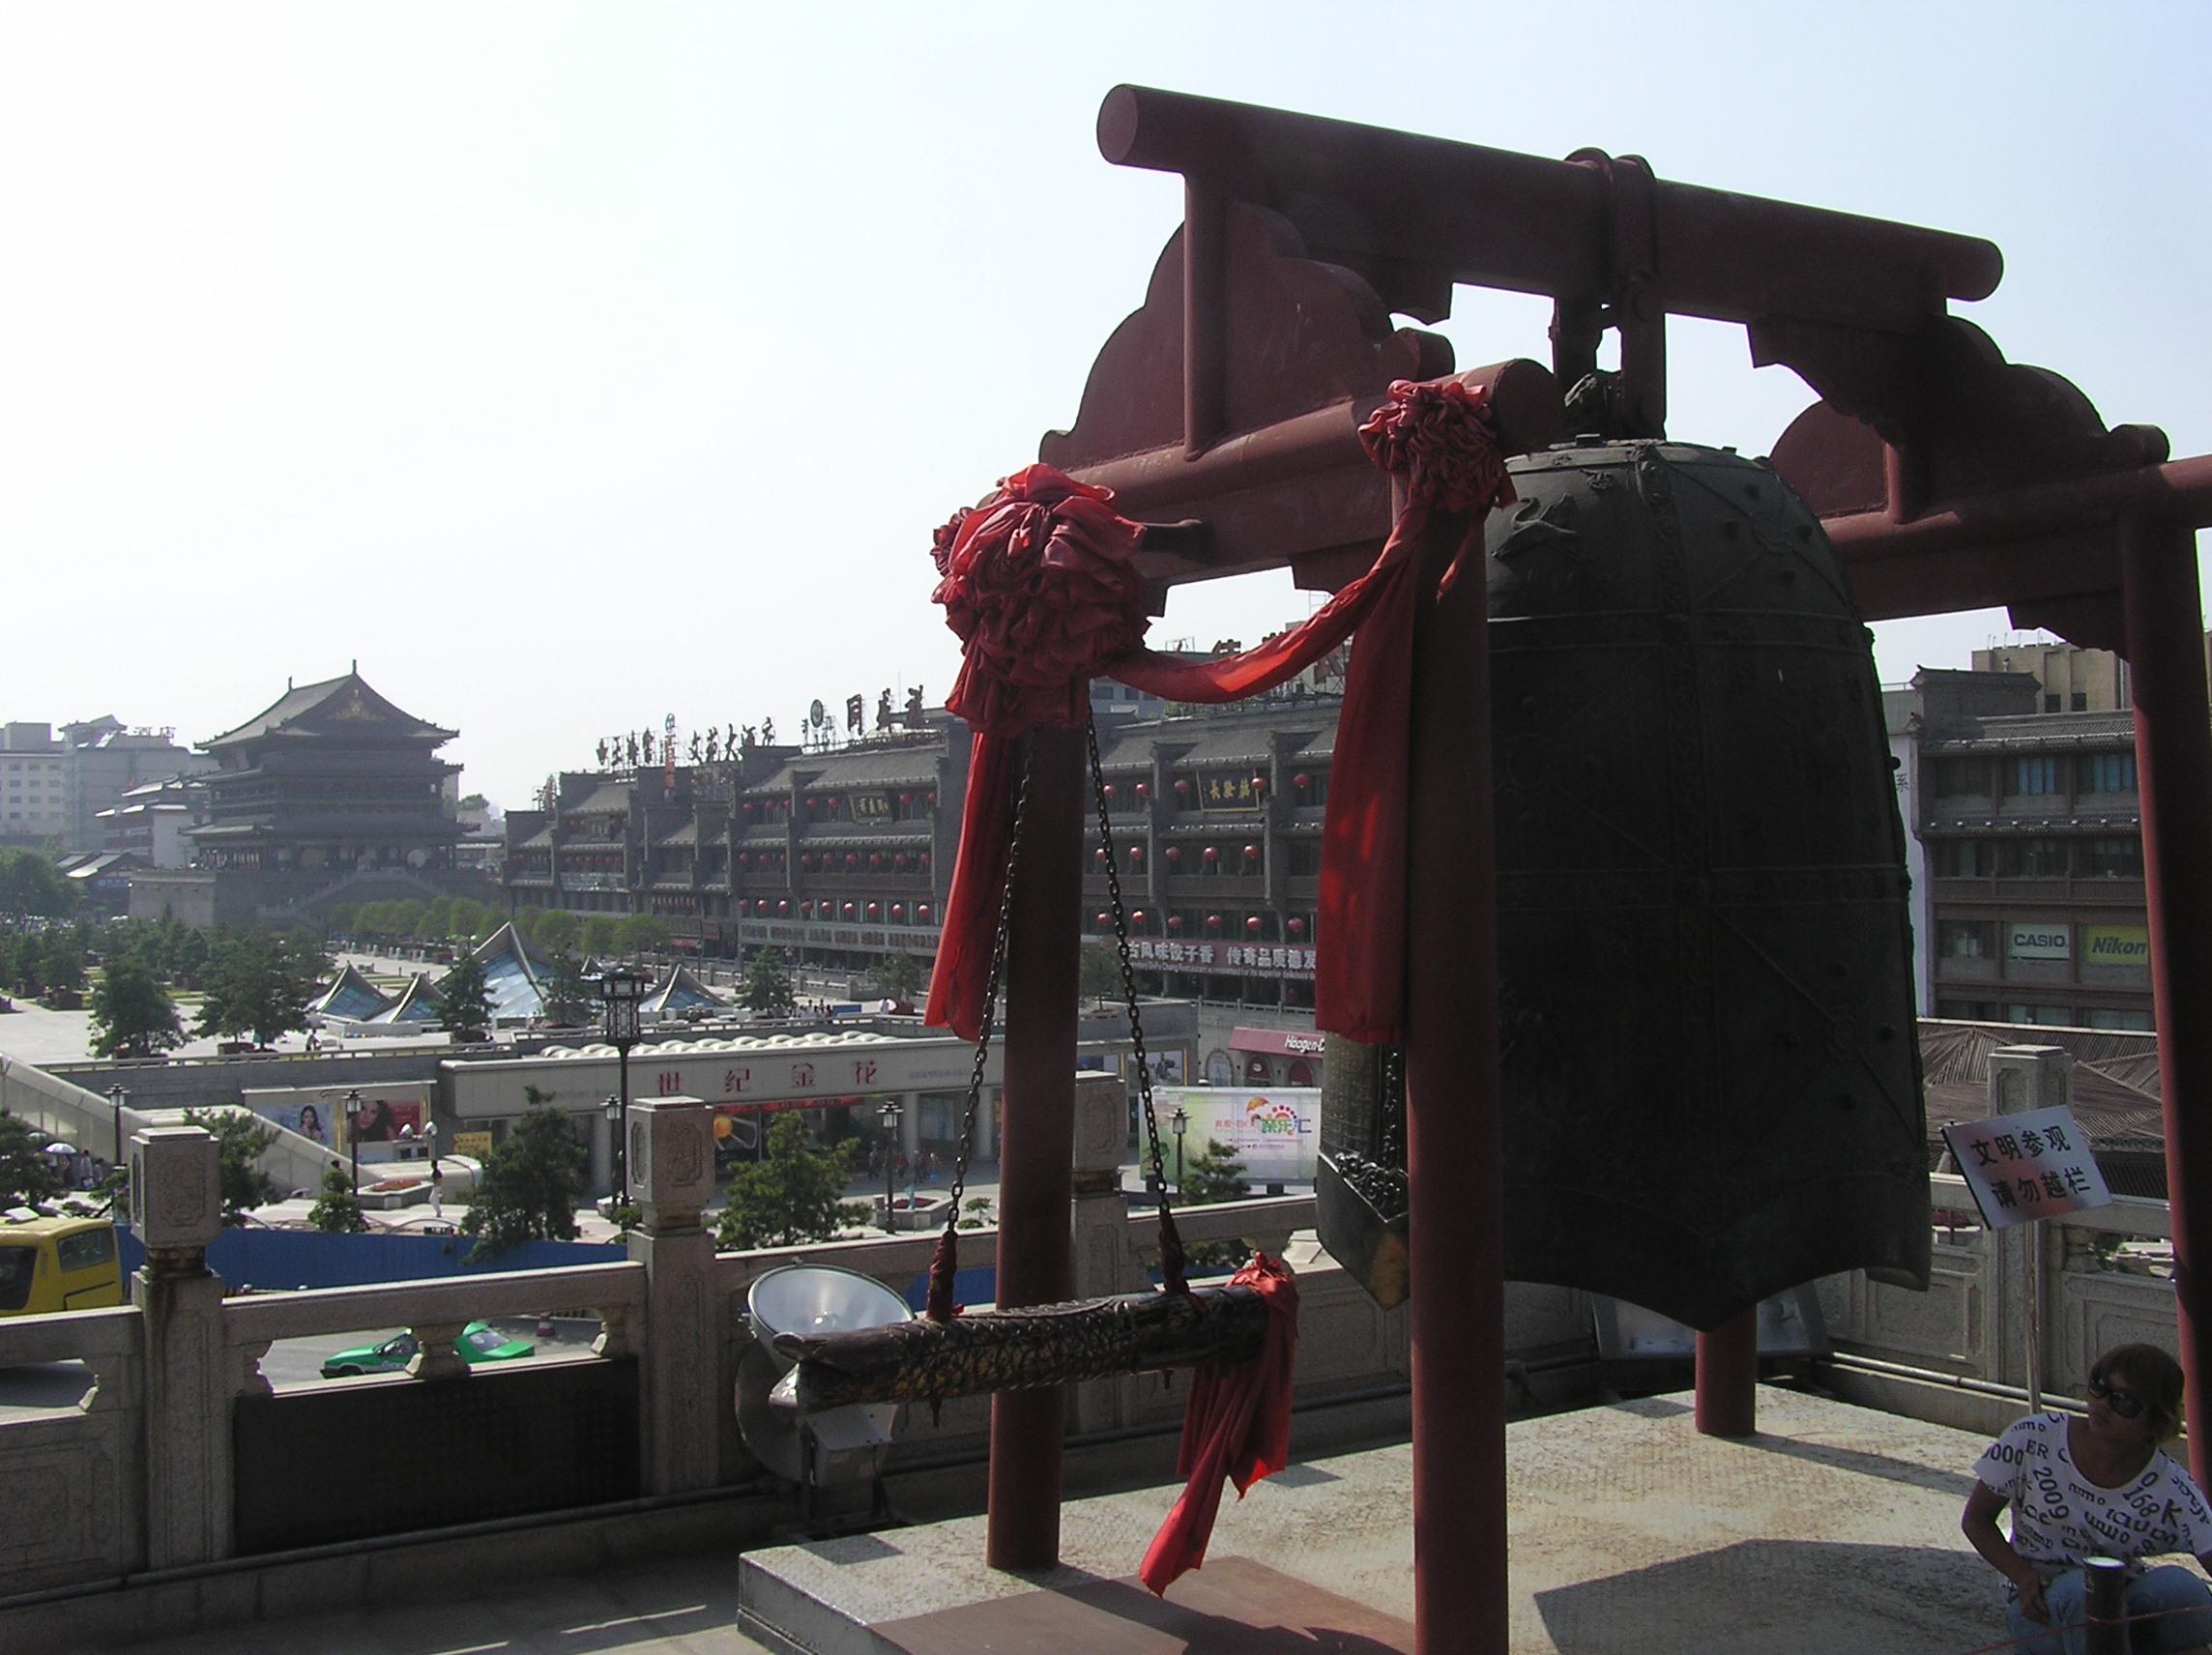 西安钟楼,西安西安钟楼攻略/地址/图片/门票【携程图片